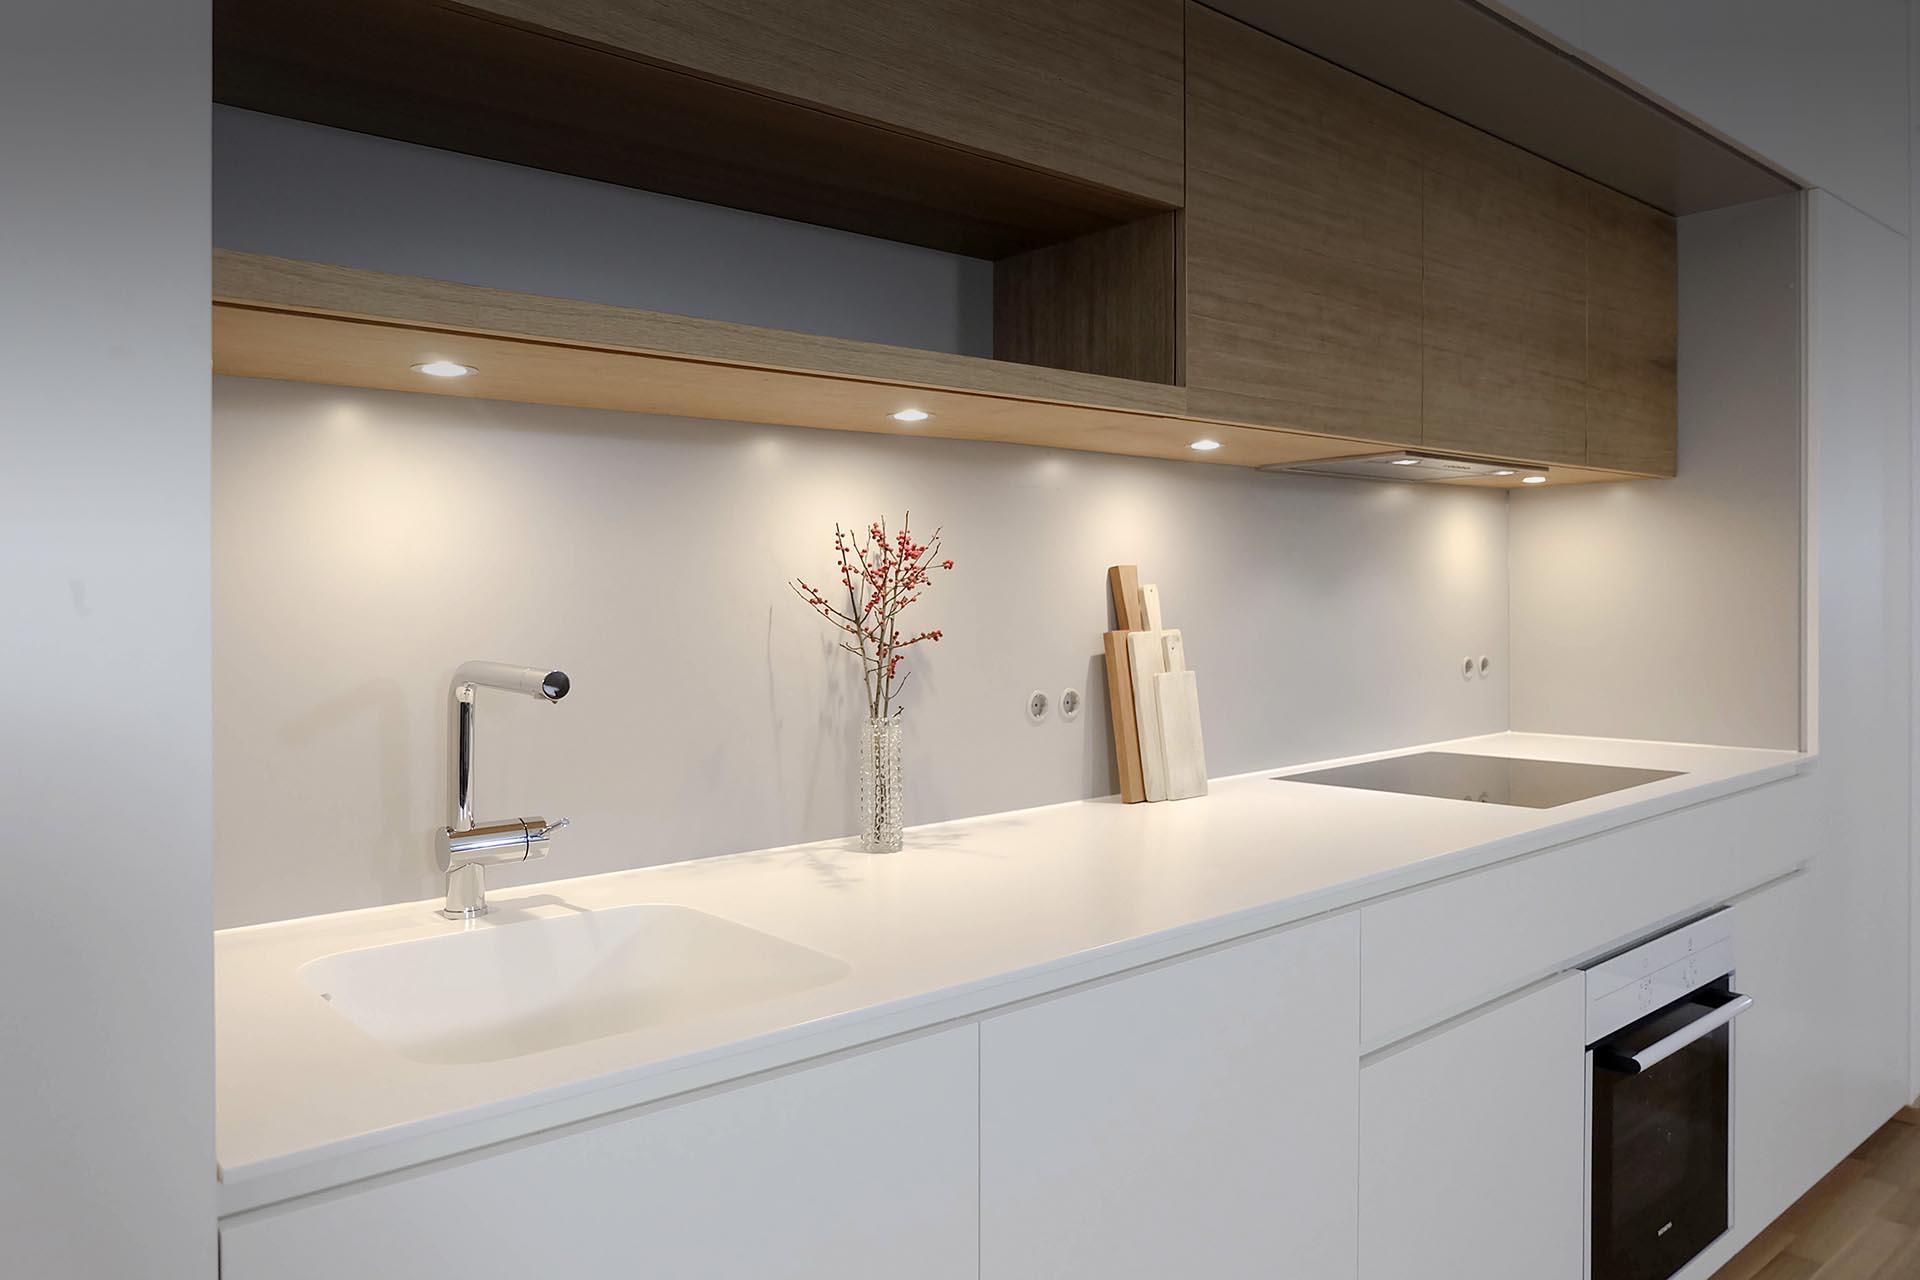 Masfina | Feine Küchen und Möbel auf Mass | Home Slider Image 009